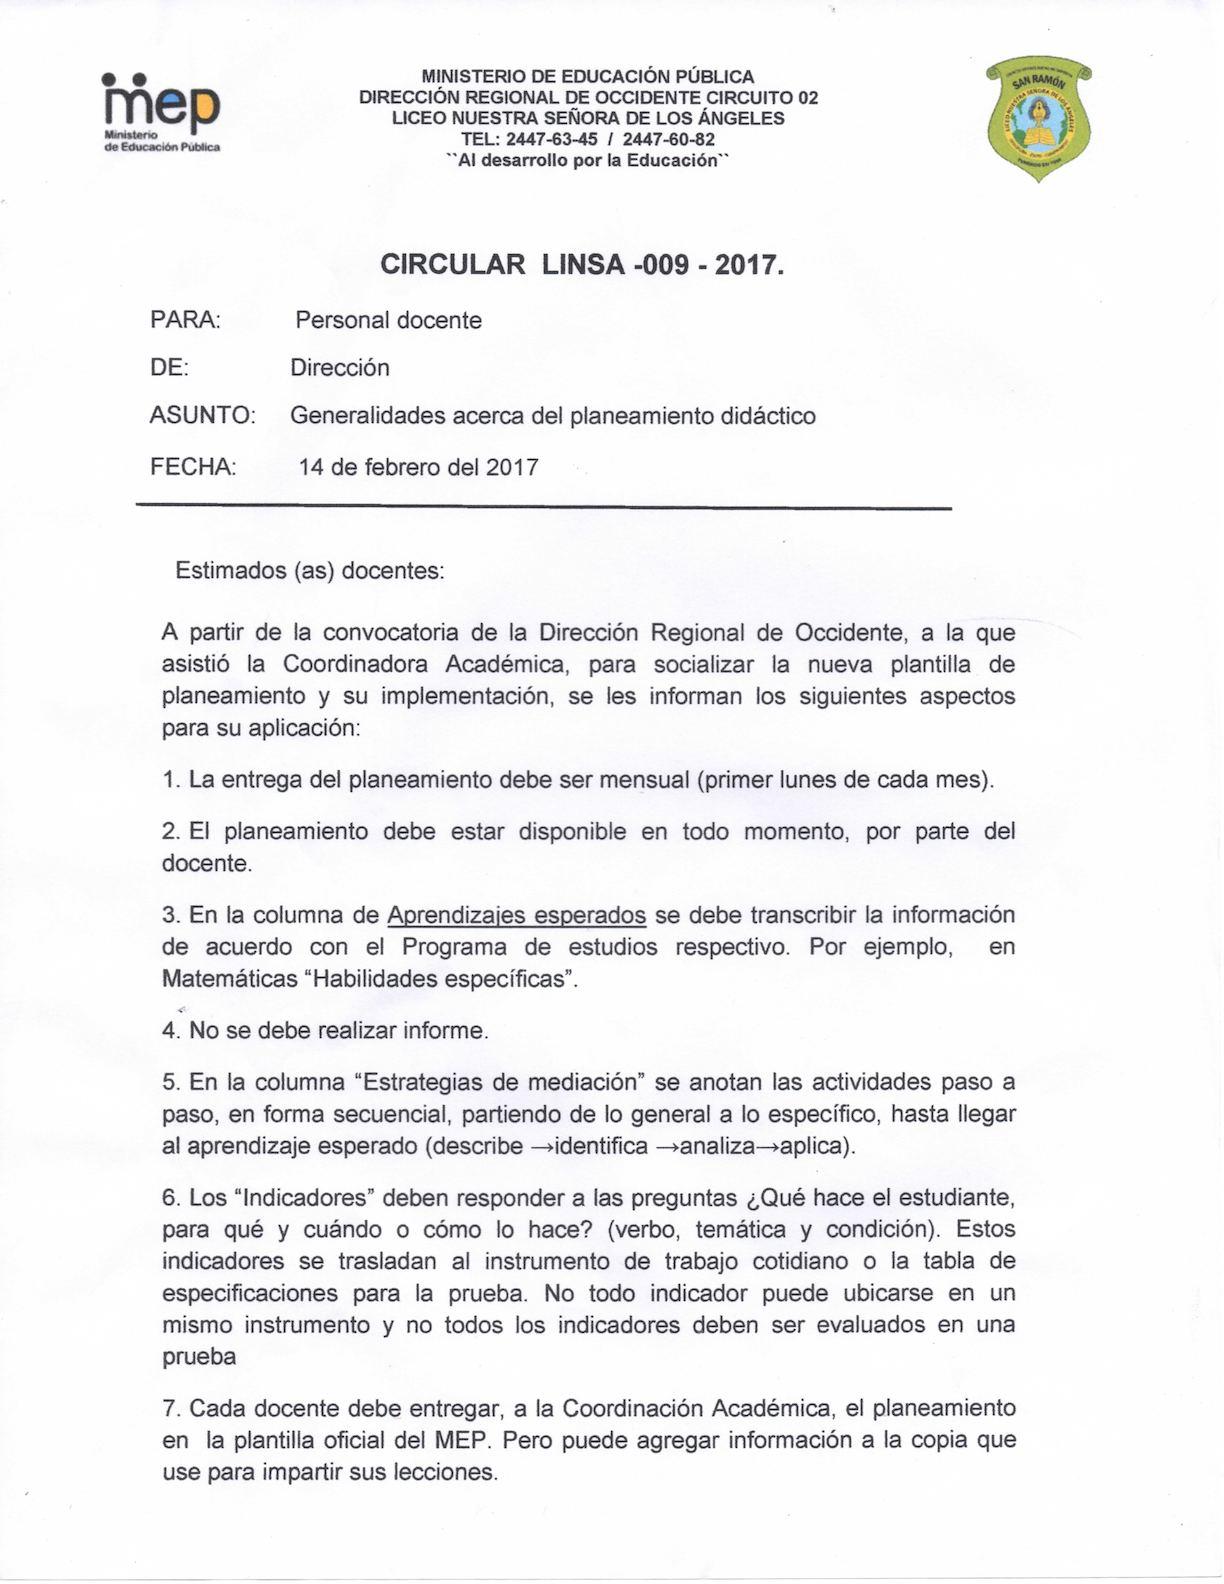 Calaméo - Generalidades Acerca Del Planeamiento Didactico